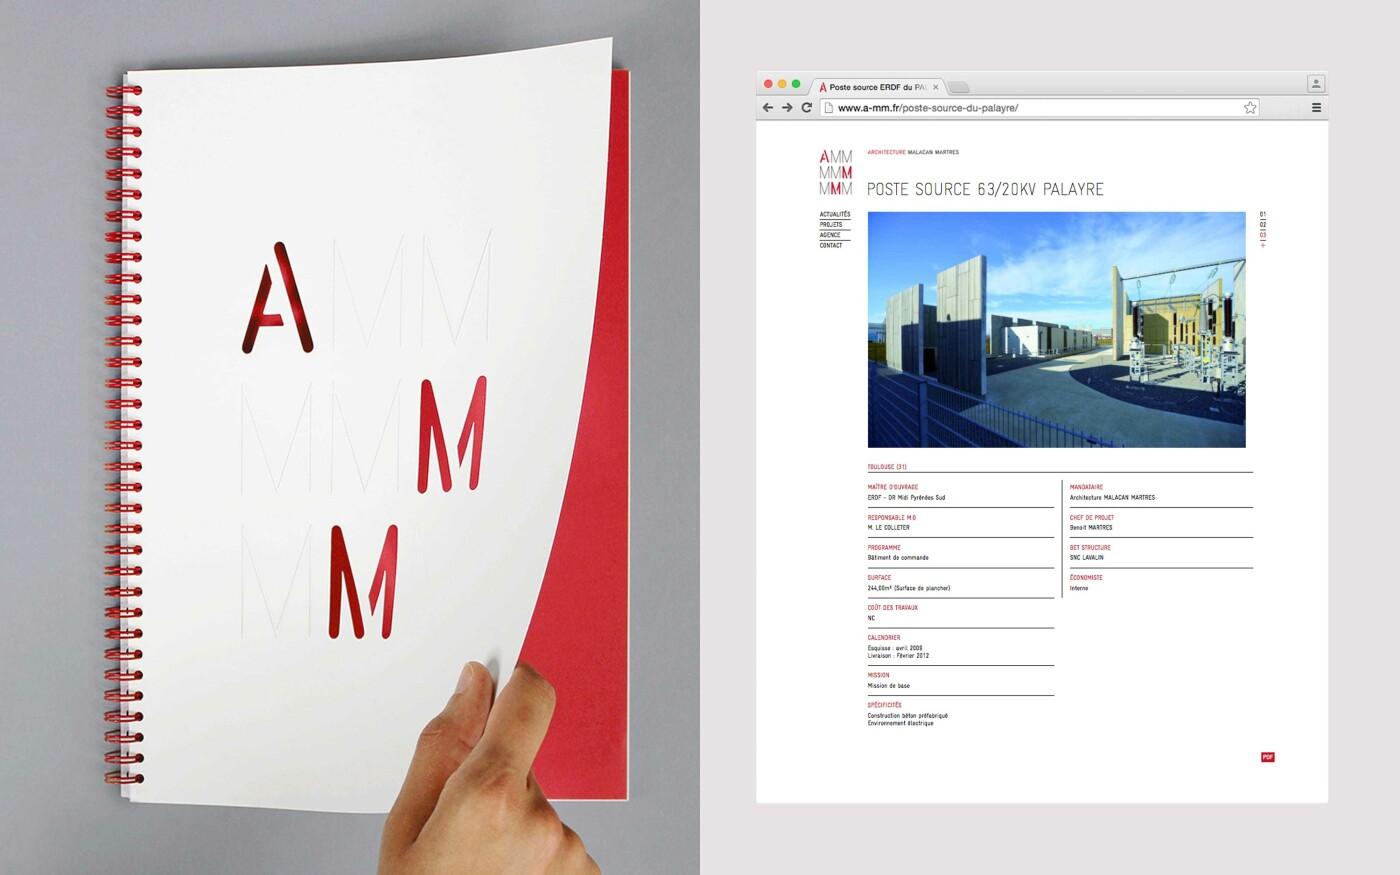 Langage visuel pour l'agence d'architecture AMM